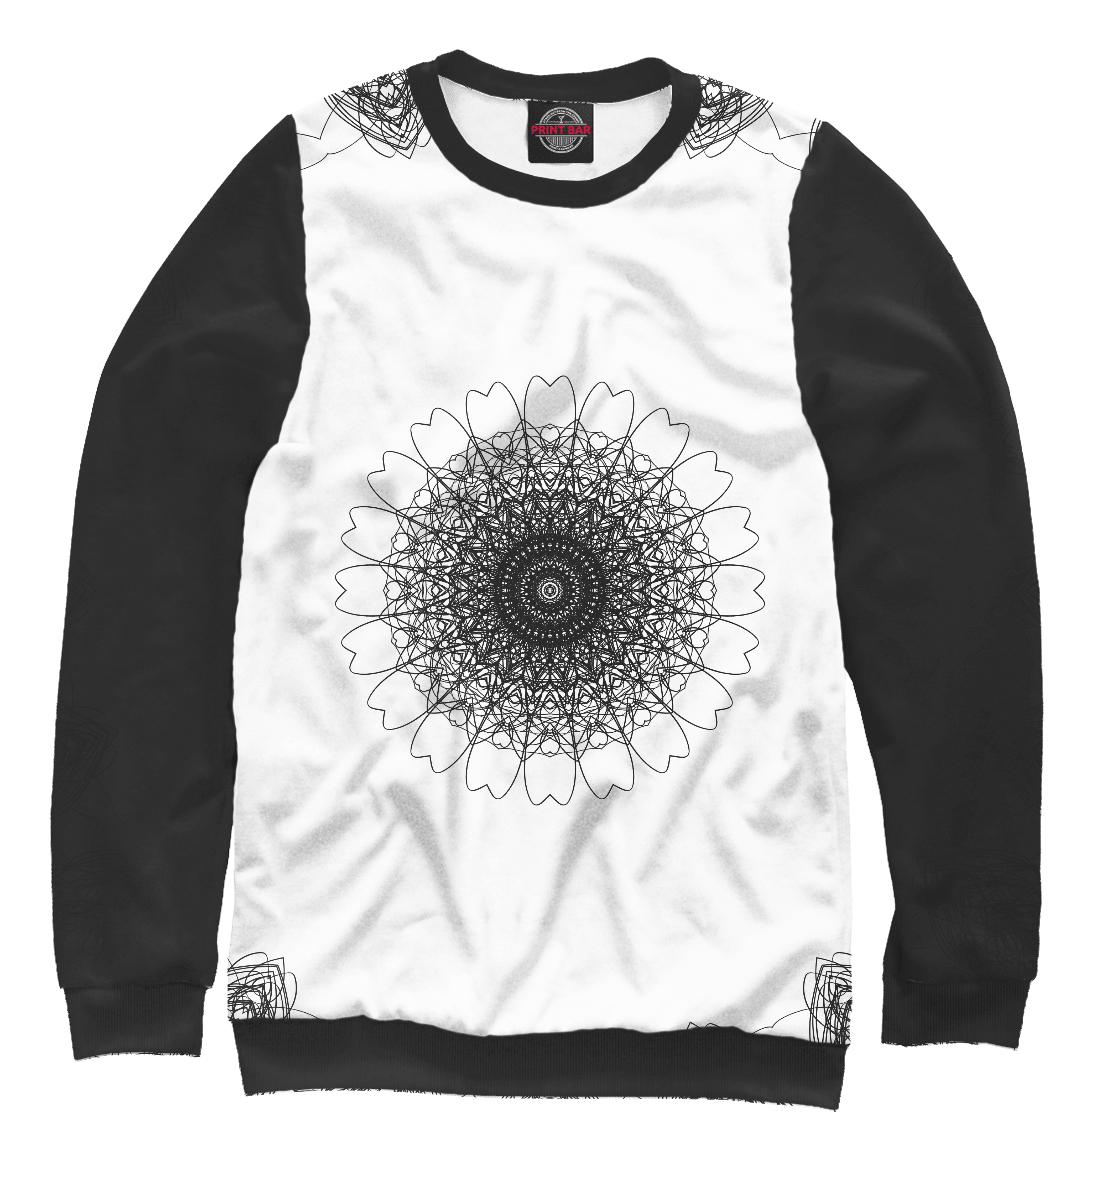 Купить Mandala, Printbar, Свитшоты, PSY-318548-swi-1